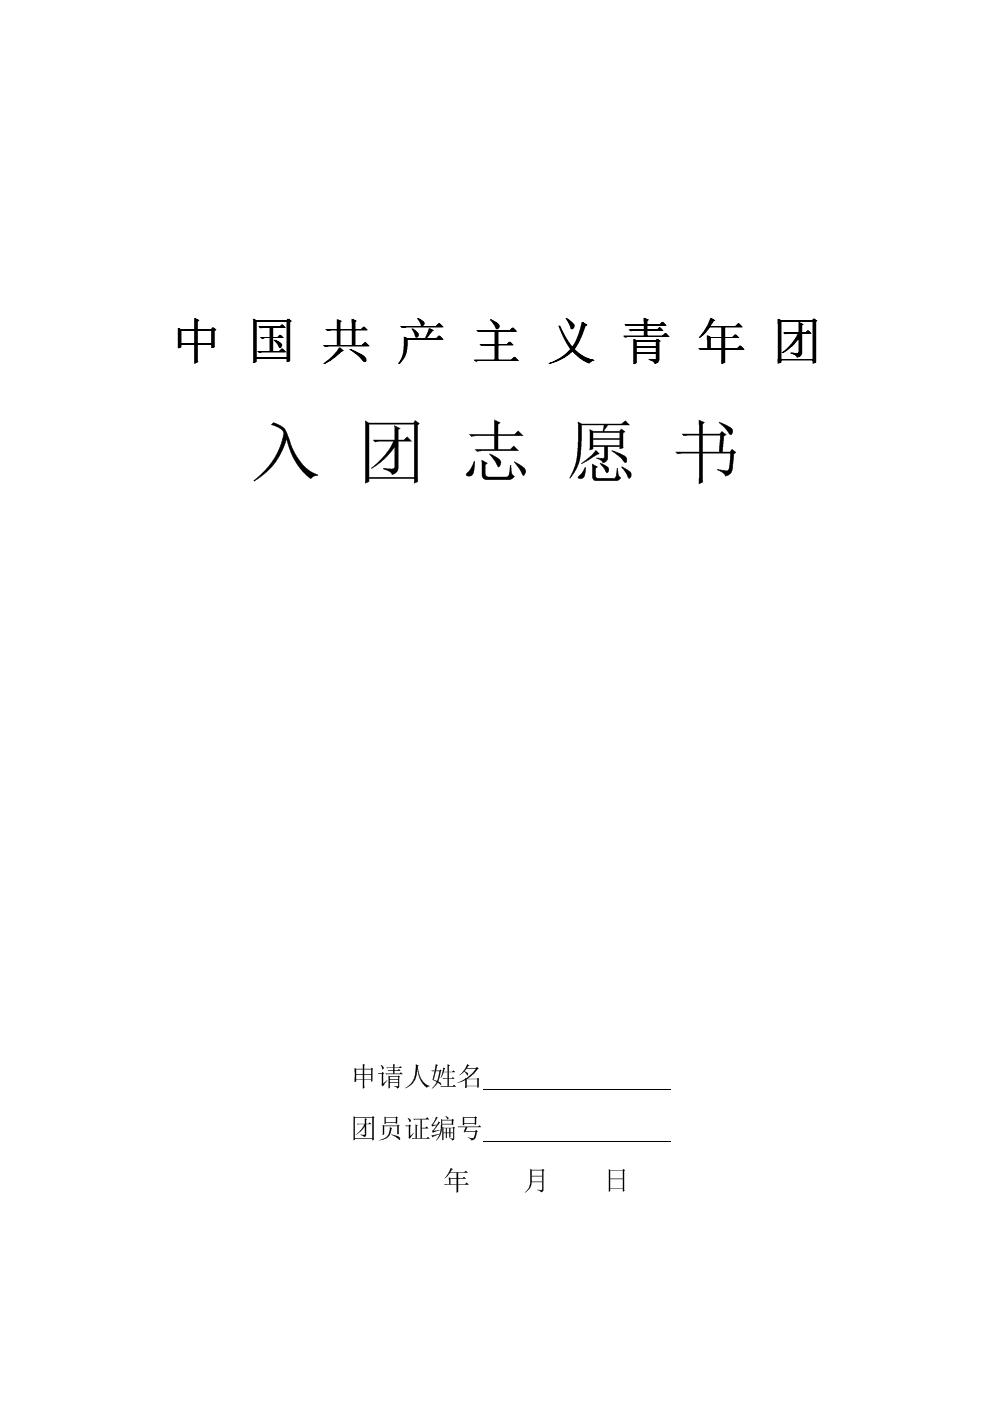 入團志愿書表格下載(可以直接打印).doc圖片